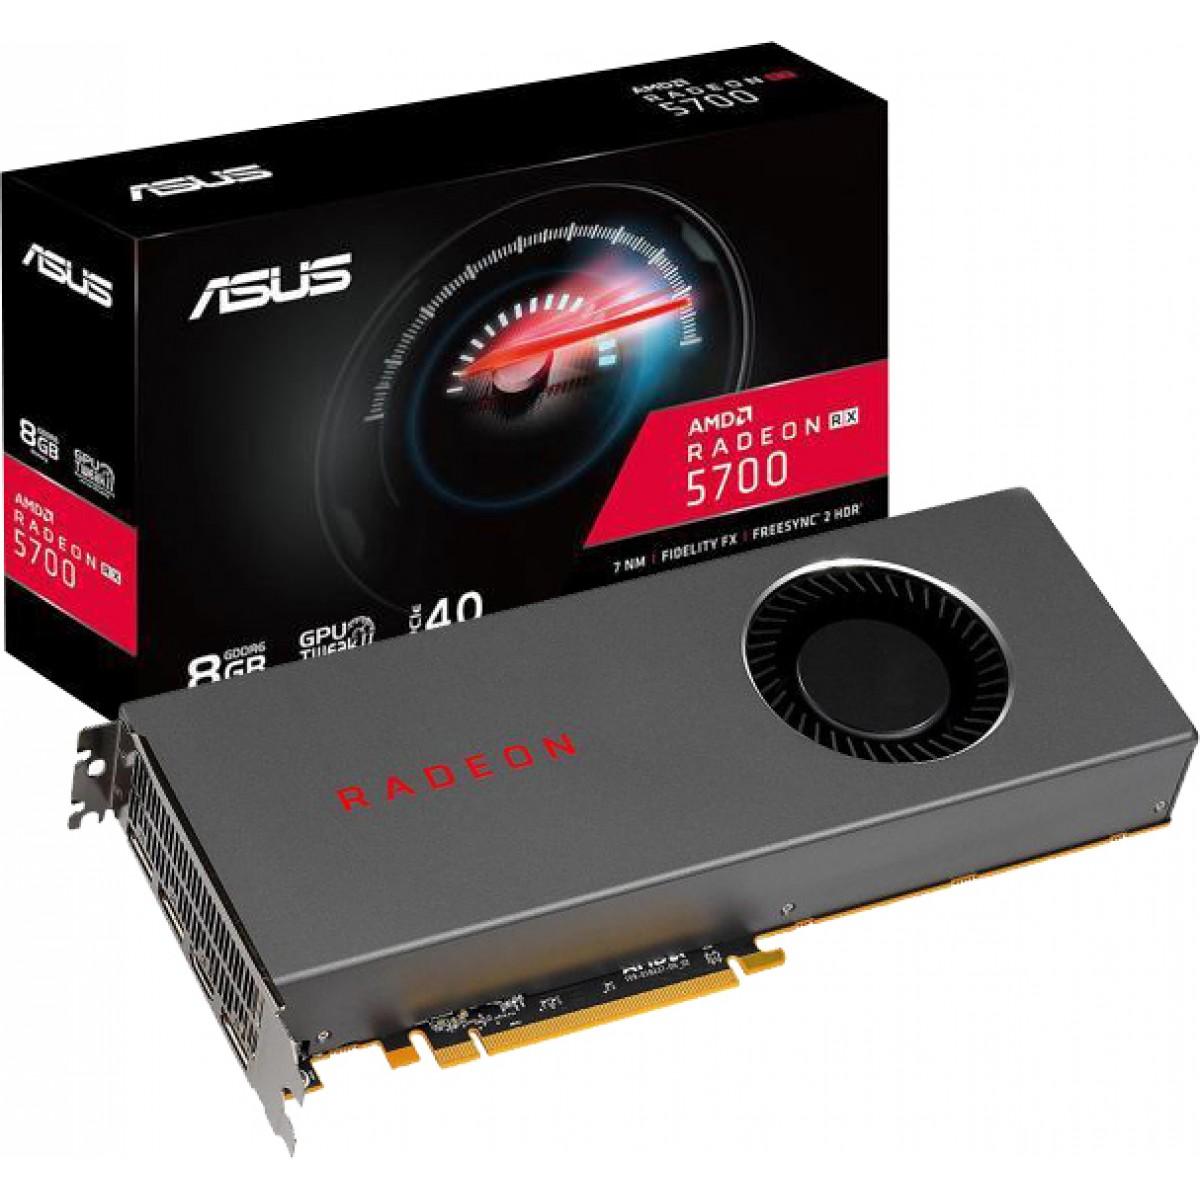 Placa de Vídeo Asus Radeon Navi RX 5700, 8GB GDDR6, 256Bit, RX5700-8G